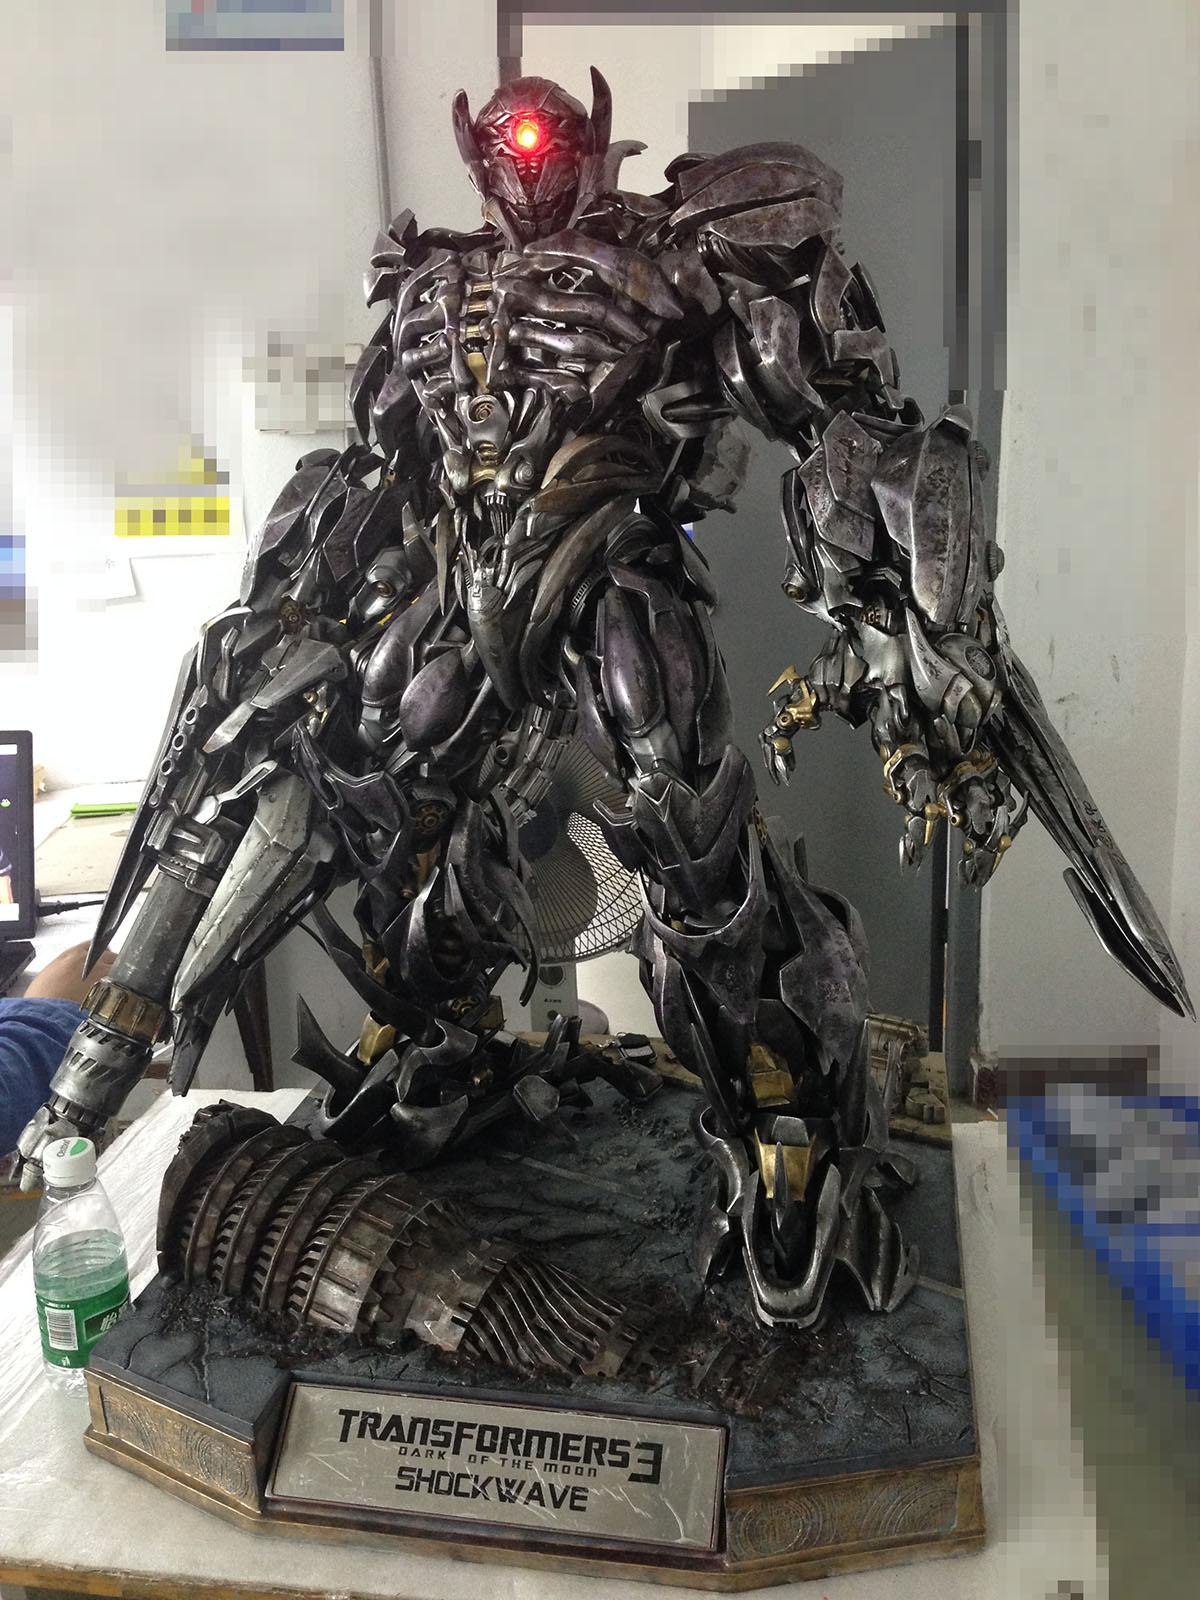 Statues des Films Transformers (articulé, non transformable) ― Par Prime1Studio, M3 Studio, Concept Zone, Super Fans Group, Soap Studio, Soldier Story Toys, etc - Page 3 249936951